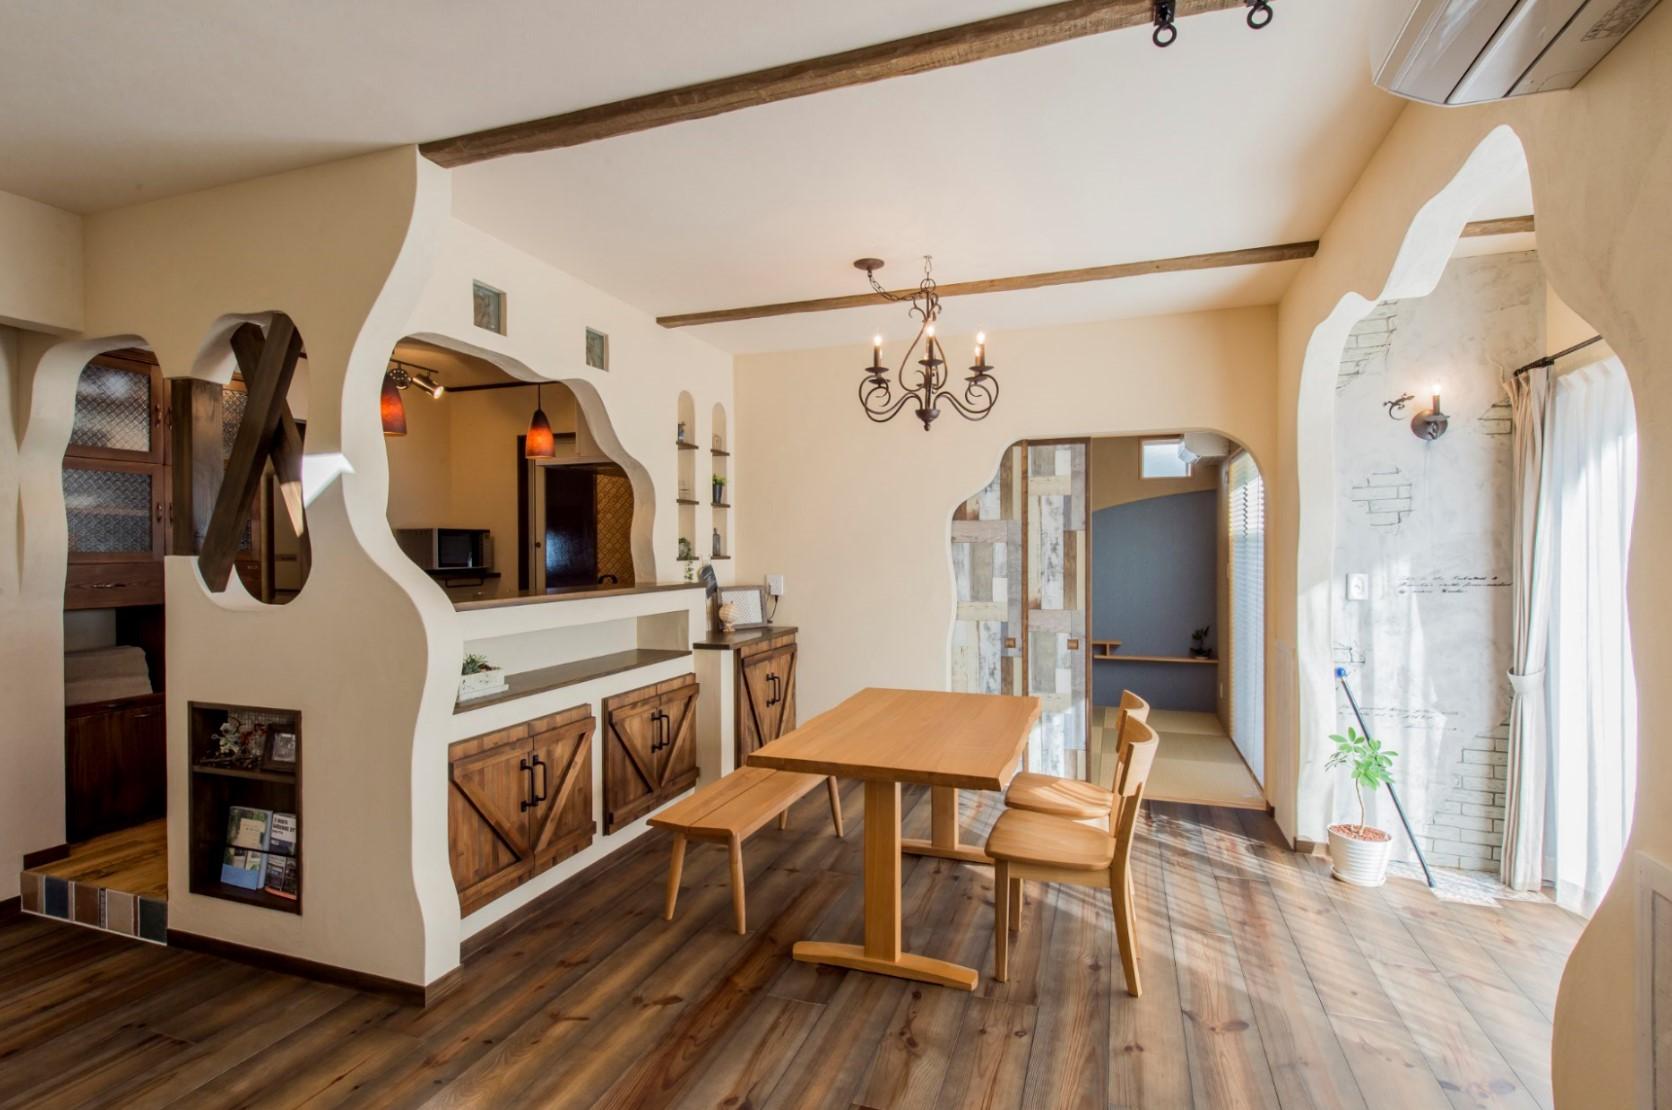 つくし工房【デザイン住宅、趣味、自然素材】自然素材に囲まれた温かみあるLDK。曲線で描かれた塗り壁に、『つくし工房』オリジナルの食器棚、室内扉がよく馴染む。床材や腰壁はエイジング加工をし、遊び心のあるアンティーク感を演出している